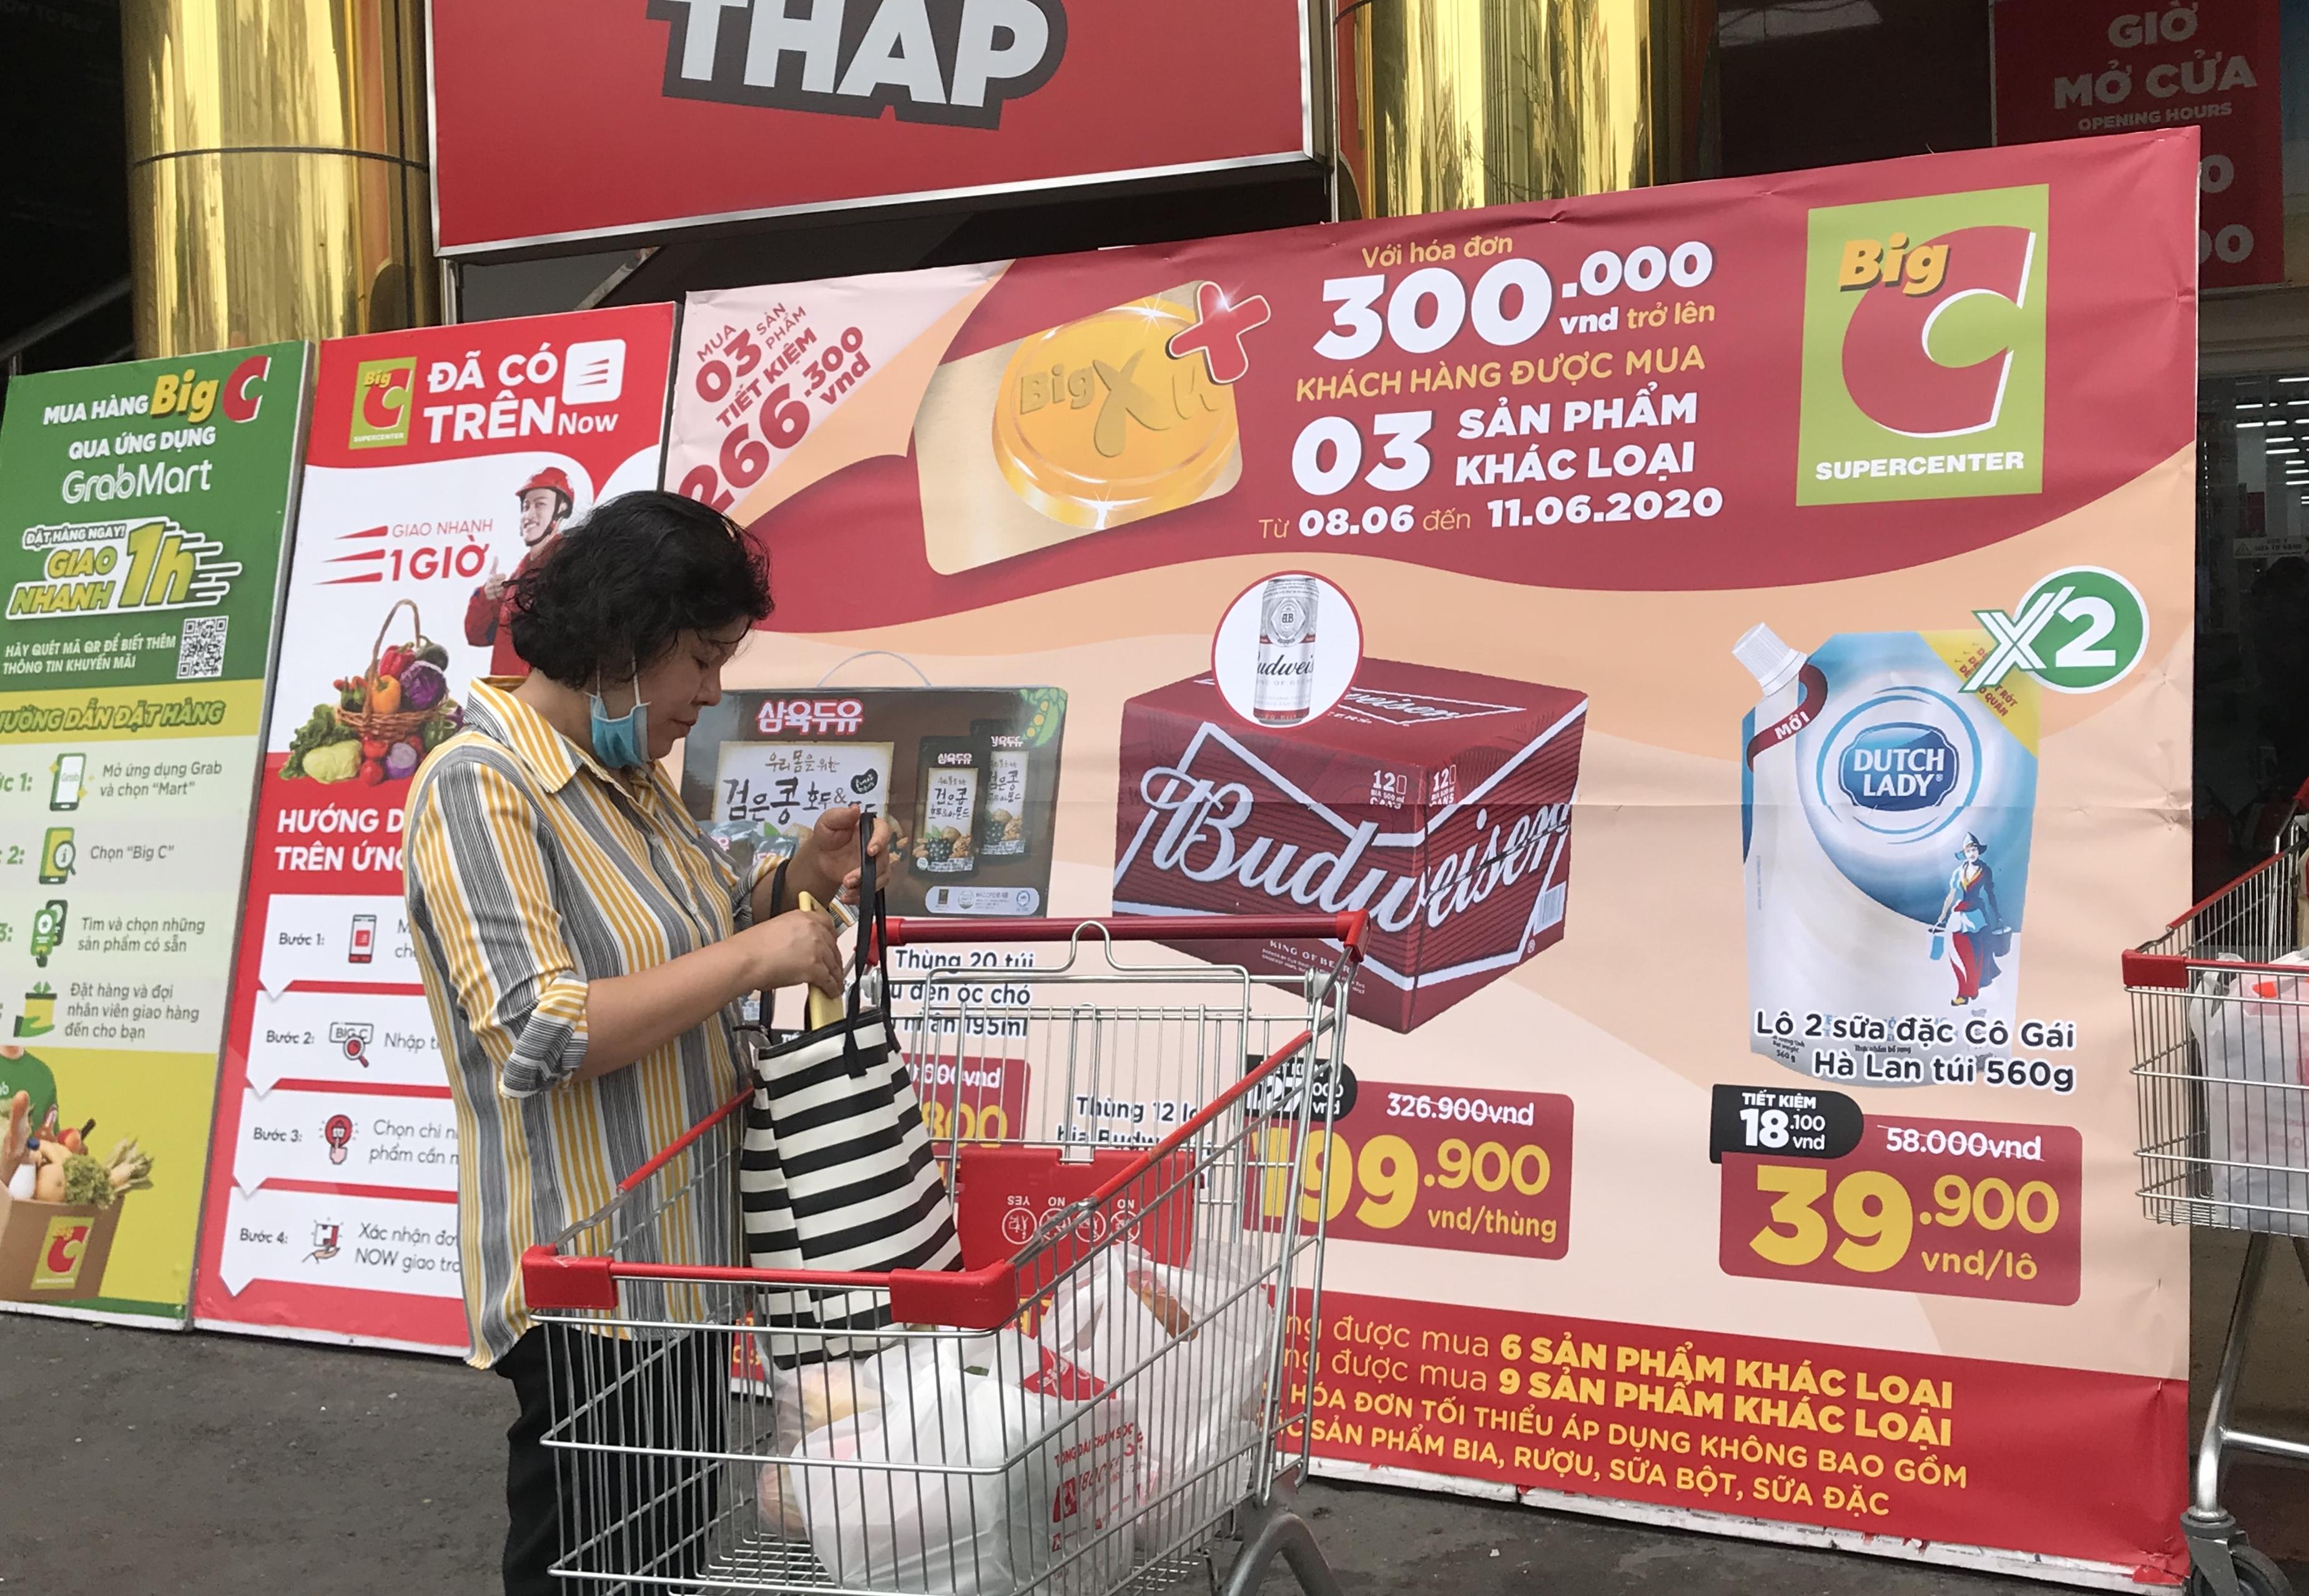 Sắp đóng cửa, Big C miền Đông ồ ạt khuyến mãi, người tiêu dùng lạc trong mê cung hàng giá sốc - Ảnh 15.